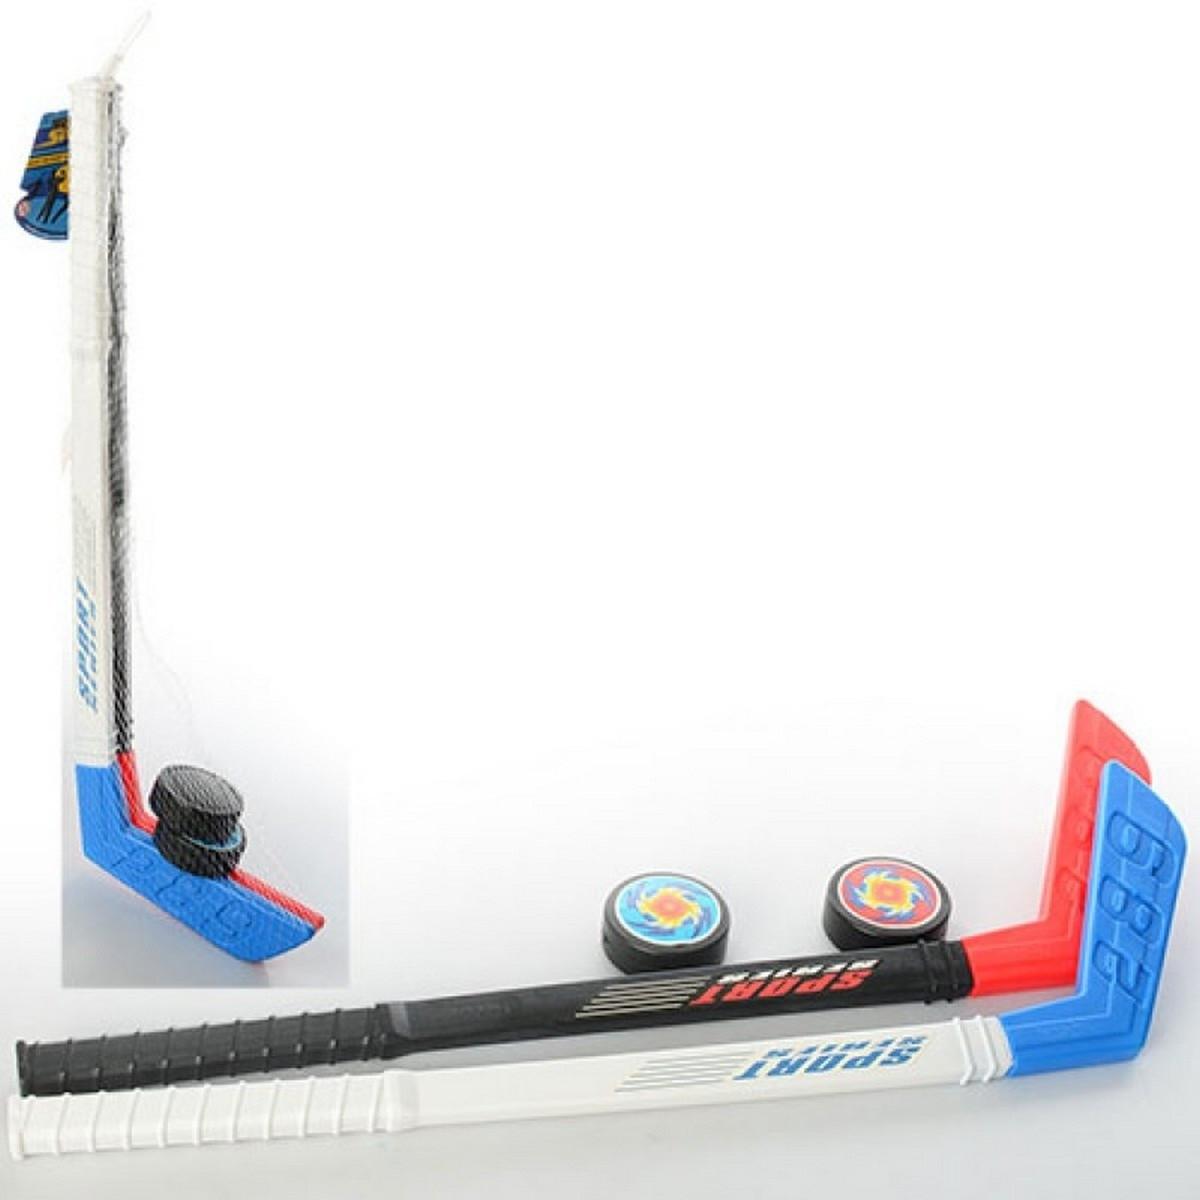 Детский набор для хоккея MS 2910: 2 клюшки + 2 шайбы